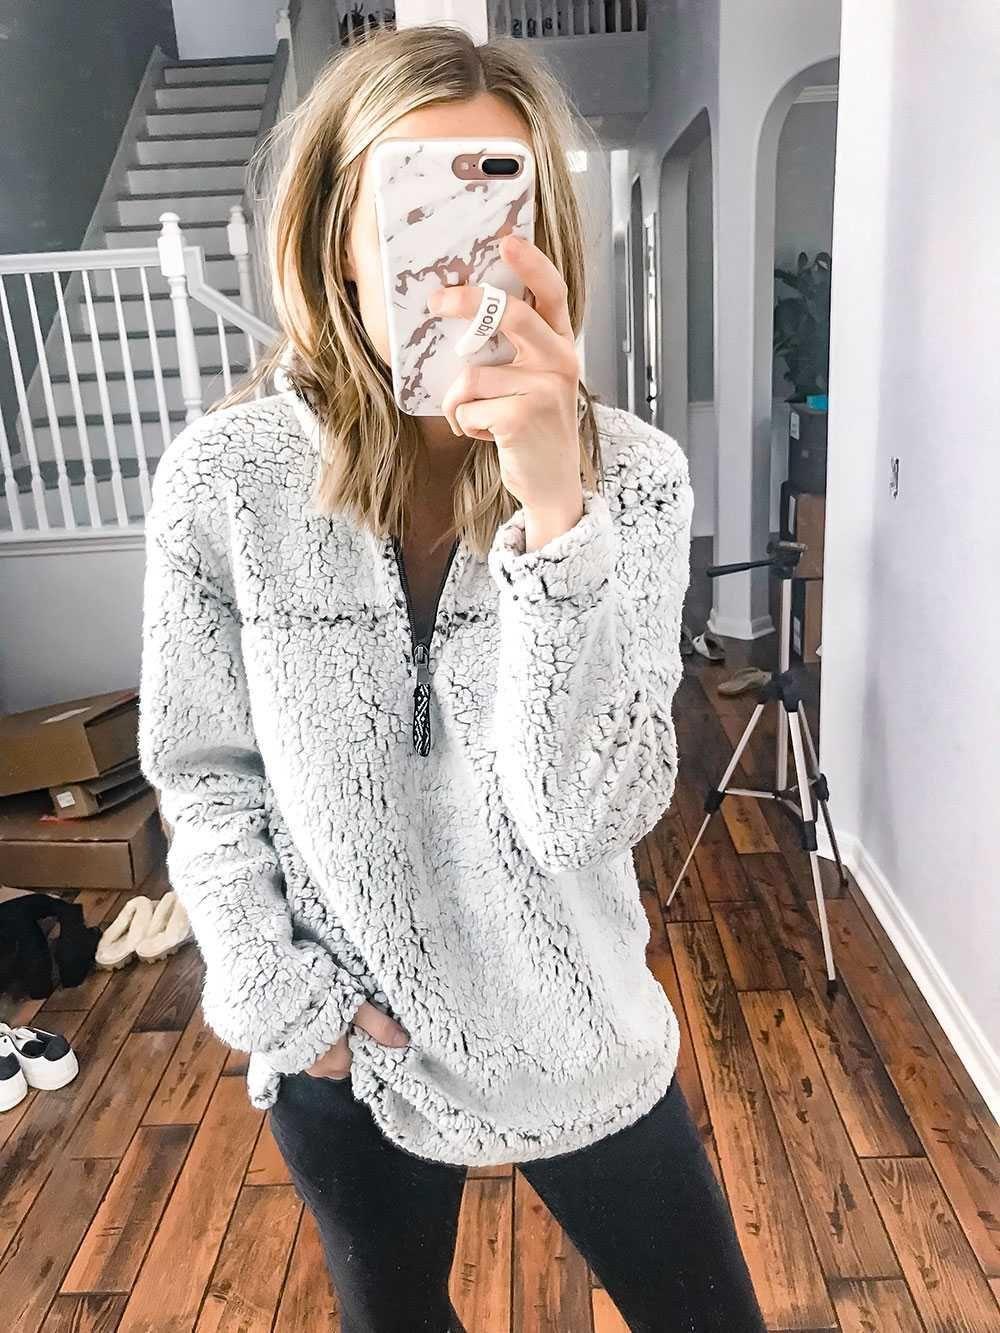 oversized fuzzy jacket pullover sweatshirts teddy fleece faux fur sherpa pullover women's fur fleece faux coats winter clothing #pulloveroutfitsweatshirts #sweatshirt #fuzzy #fauxfur #fleece #shearpa #womenswinterfashion